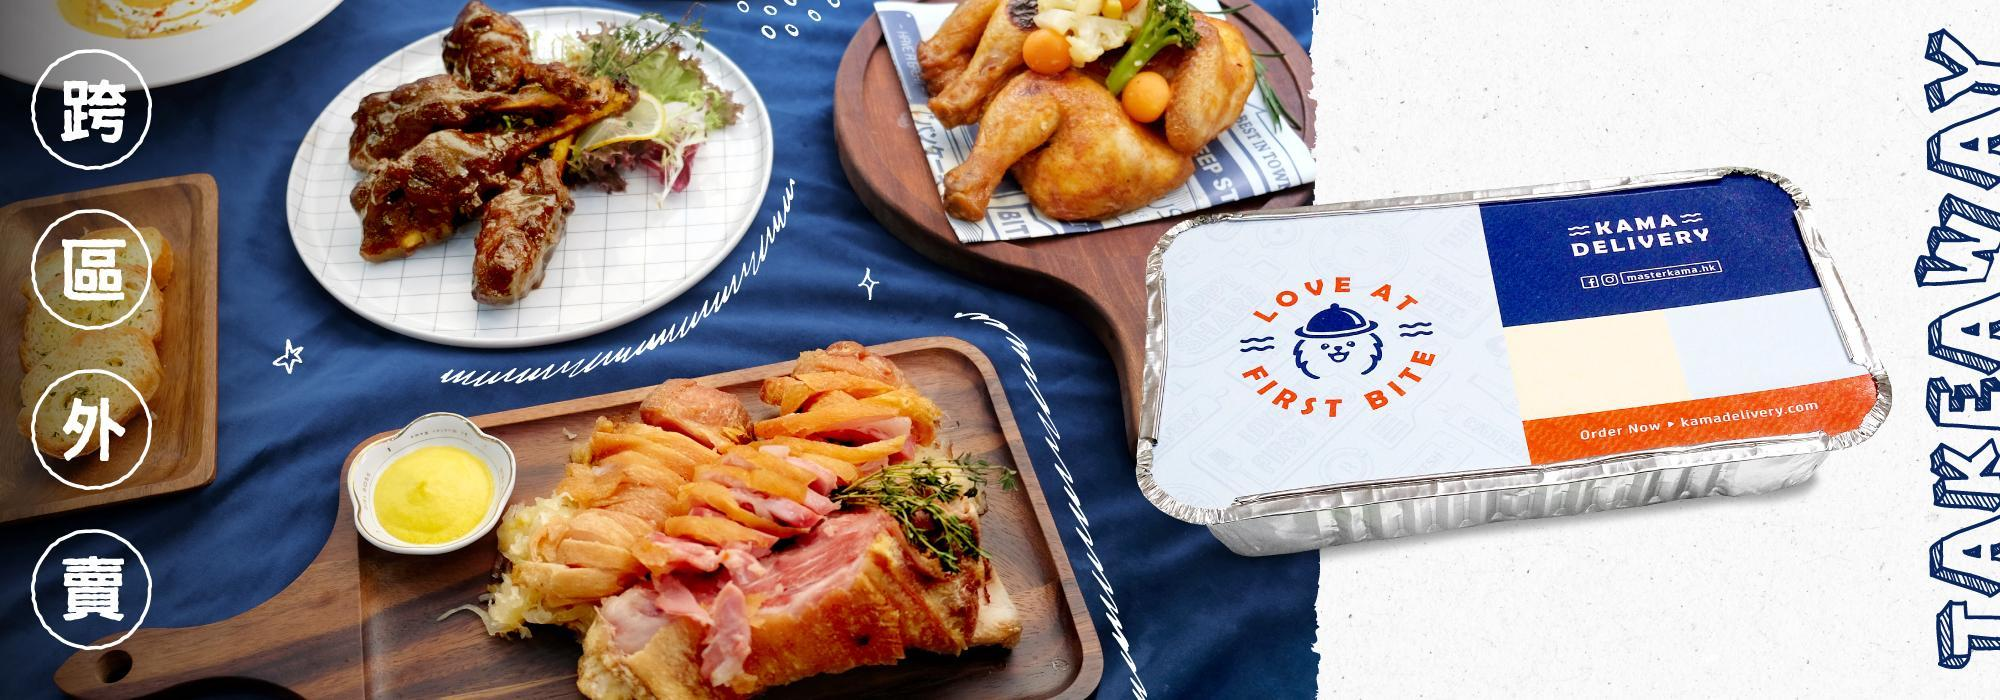 【跨區外賣速遞推介】 最快30分鐘送到你手上|Kama Delivery Catering專營西式美食外賣速遞餐飲服務